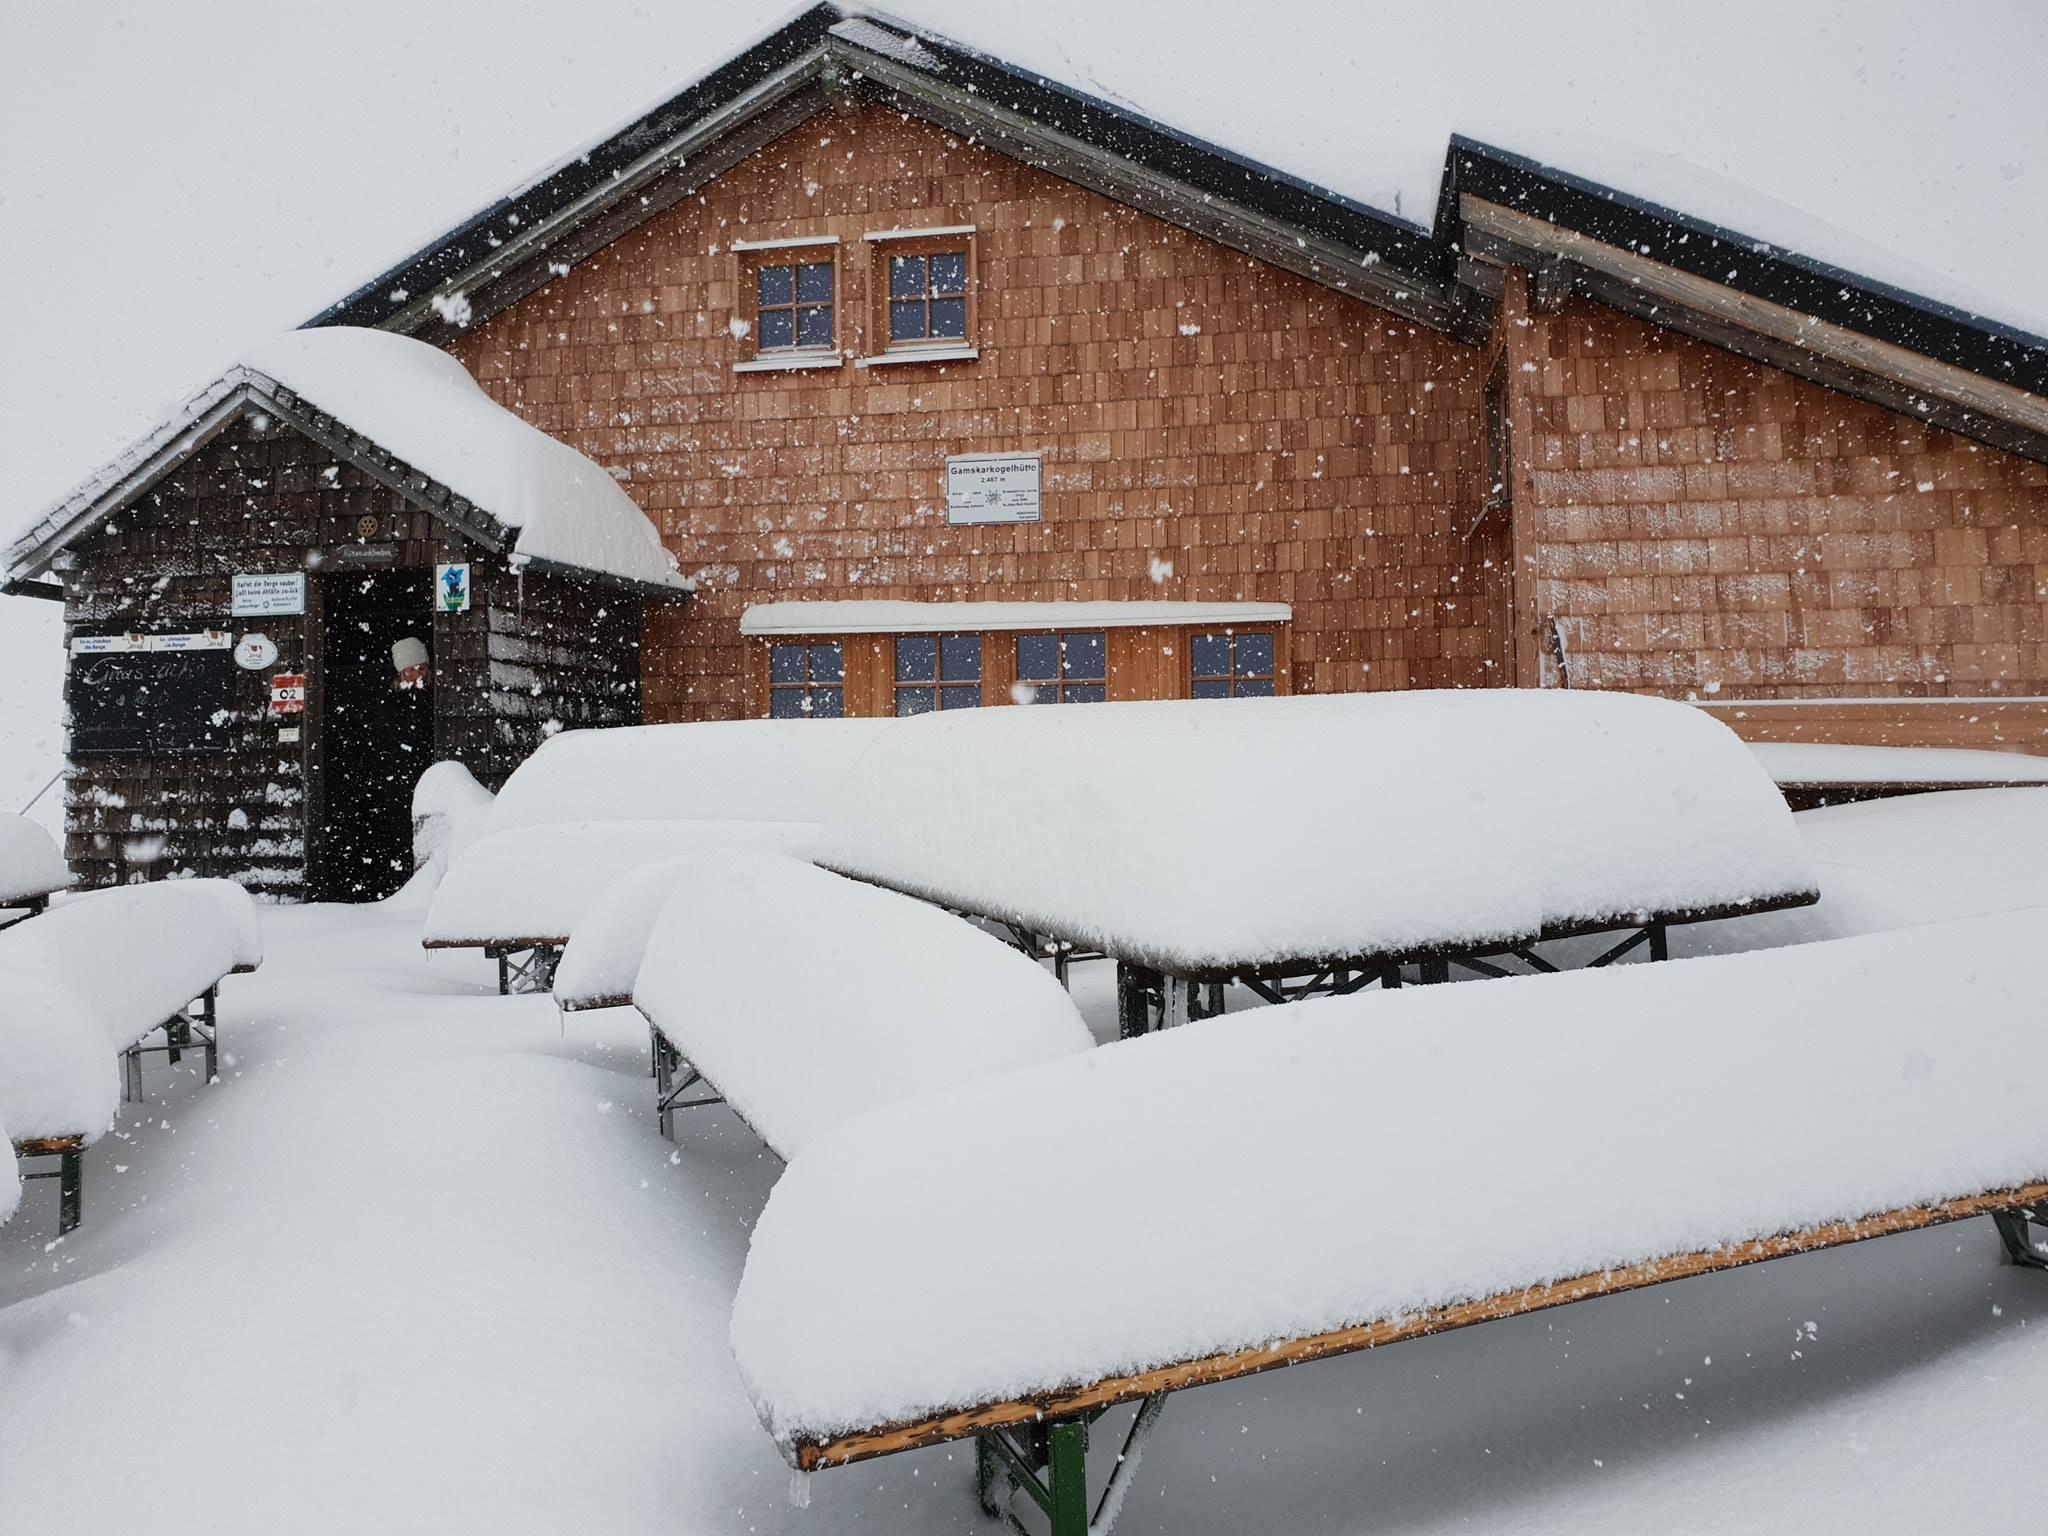 В Европе в августе выпало 40 сантиметров снега – да уж, такого лета мы еще не видели… Интересно, чего ждать осенью?